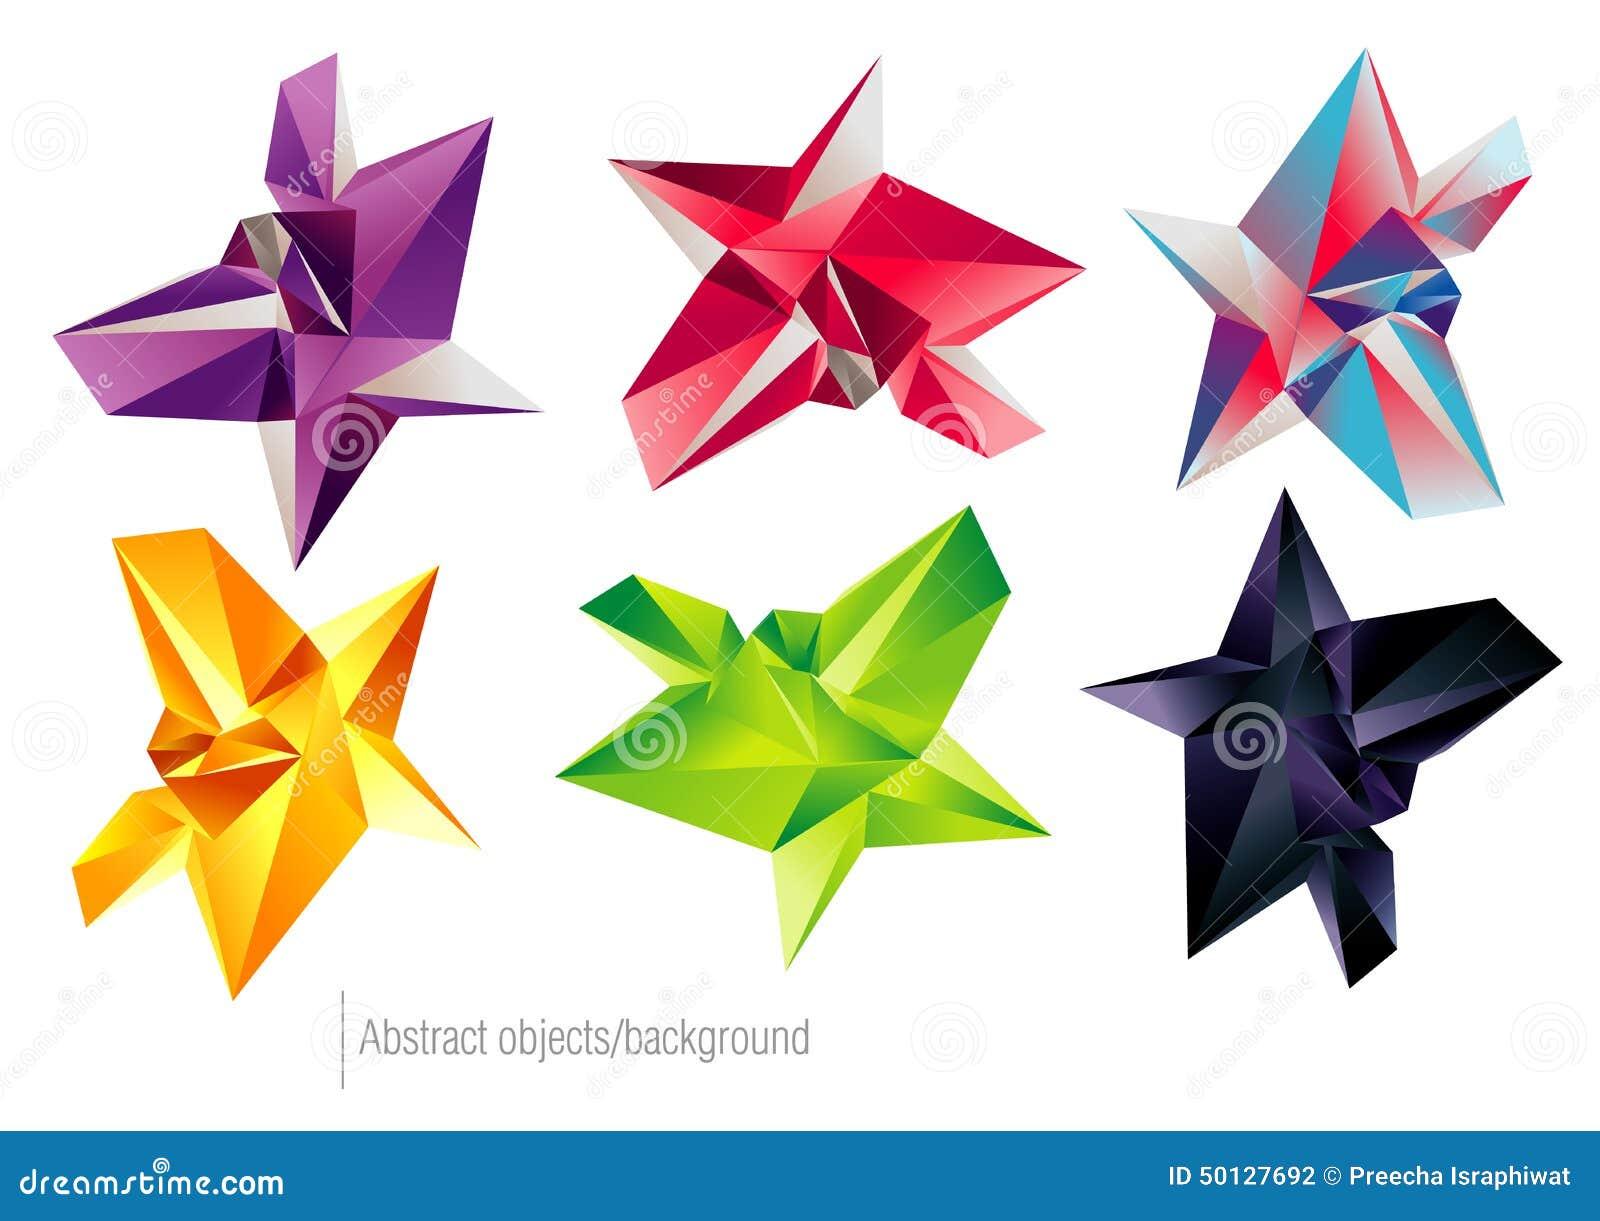 Oggetti moderni illustrazione vettoriale illustrazione di for Oggetti moderni